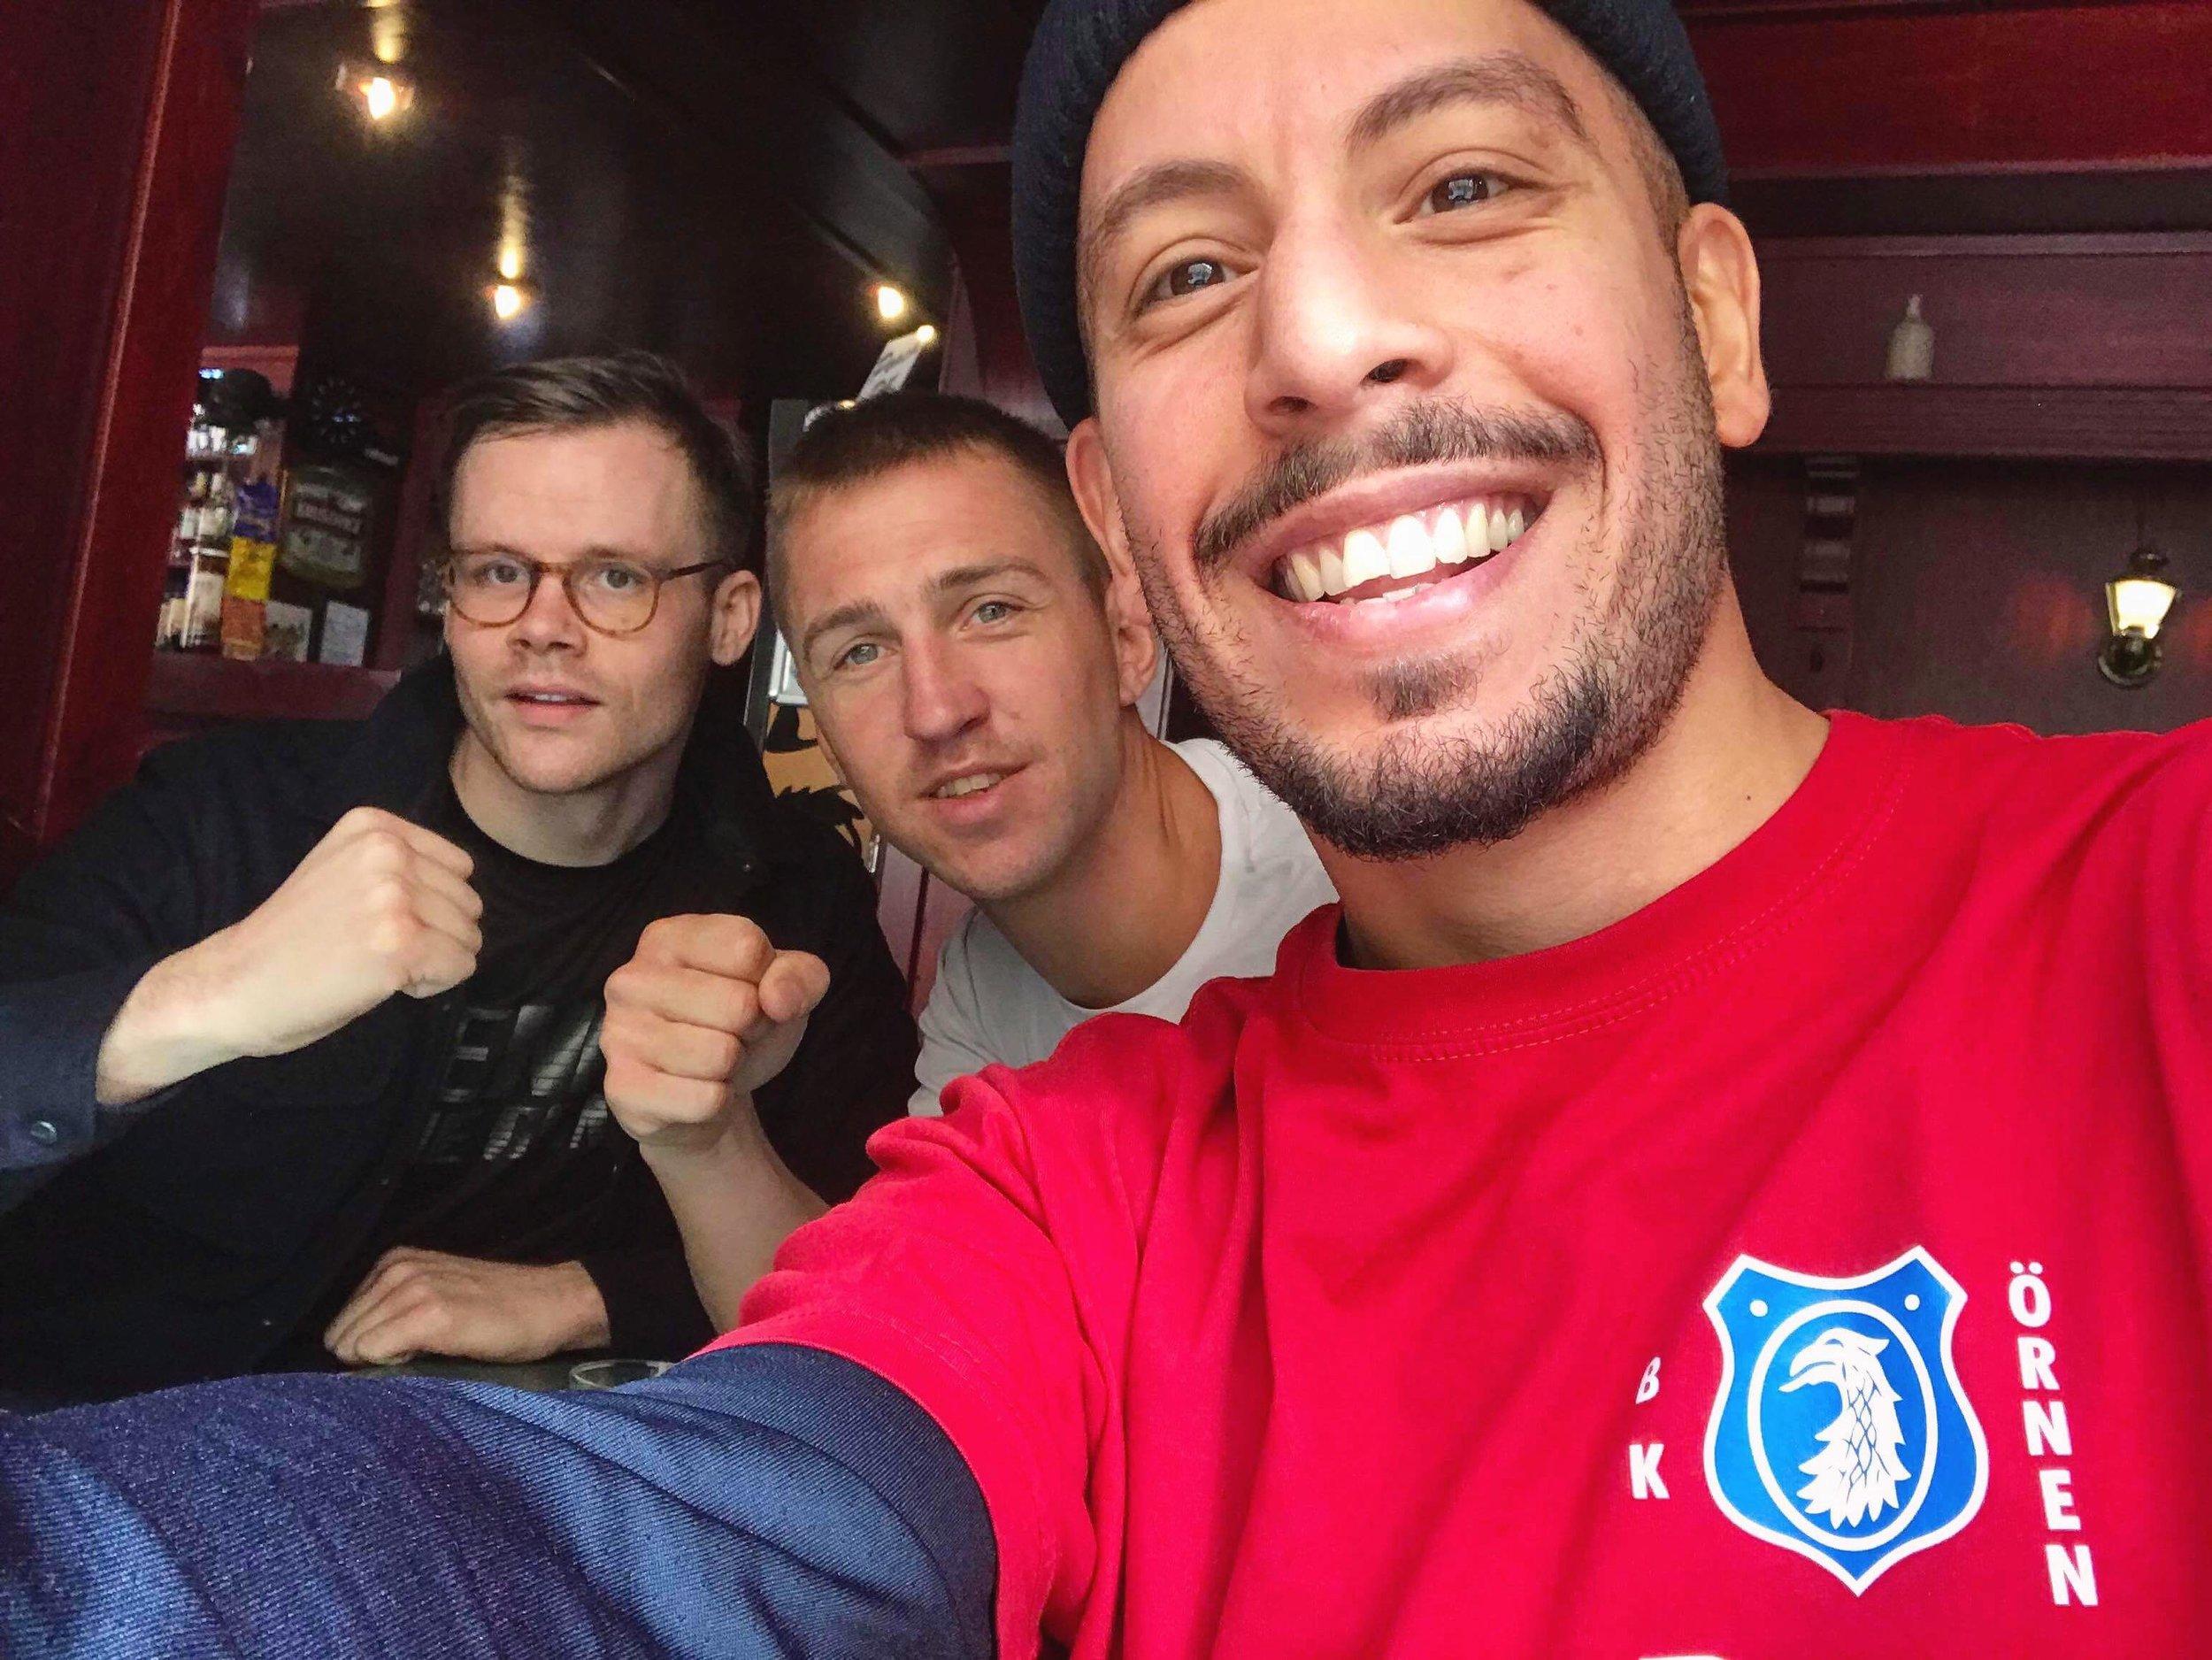 Fredrik Lindblåsom är motionstränare och styrelseledarmot, Gustav Tell som är tränare för matchgruppen och Rougén Heidari som är motionstränare.